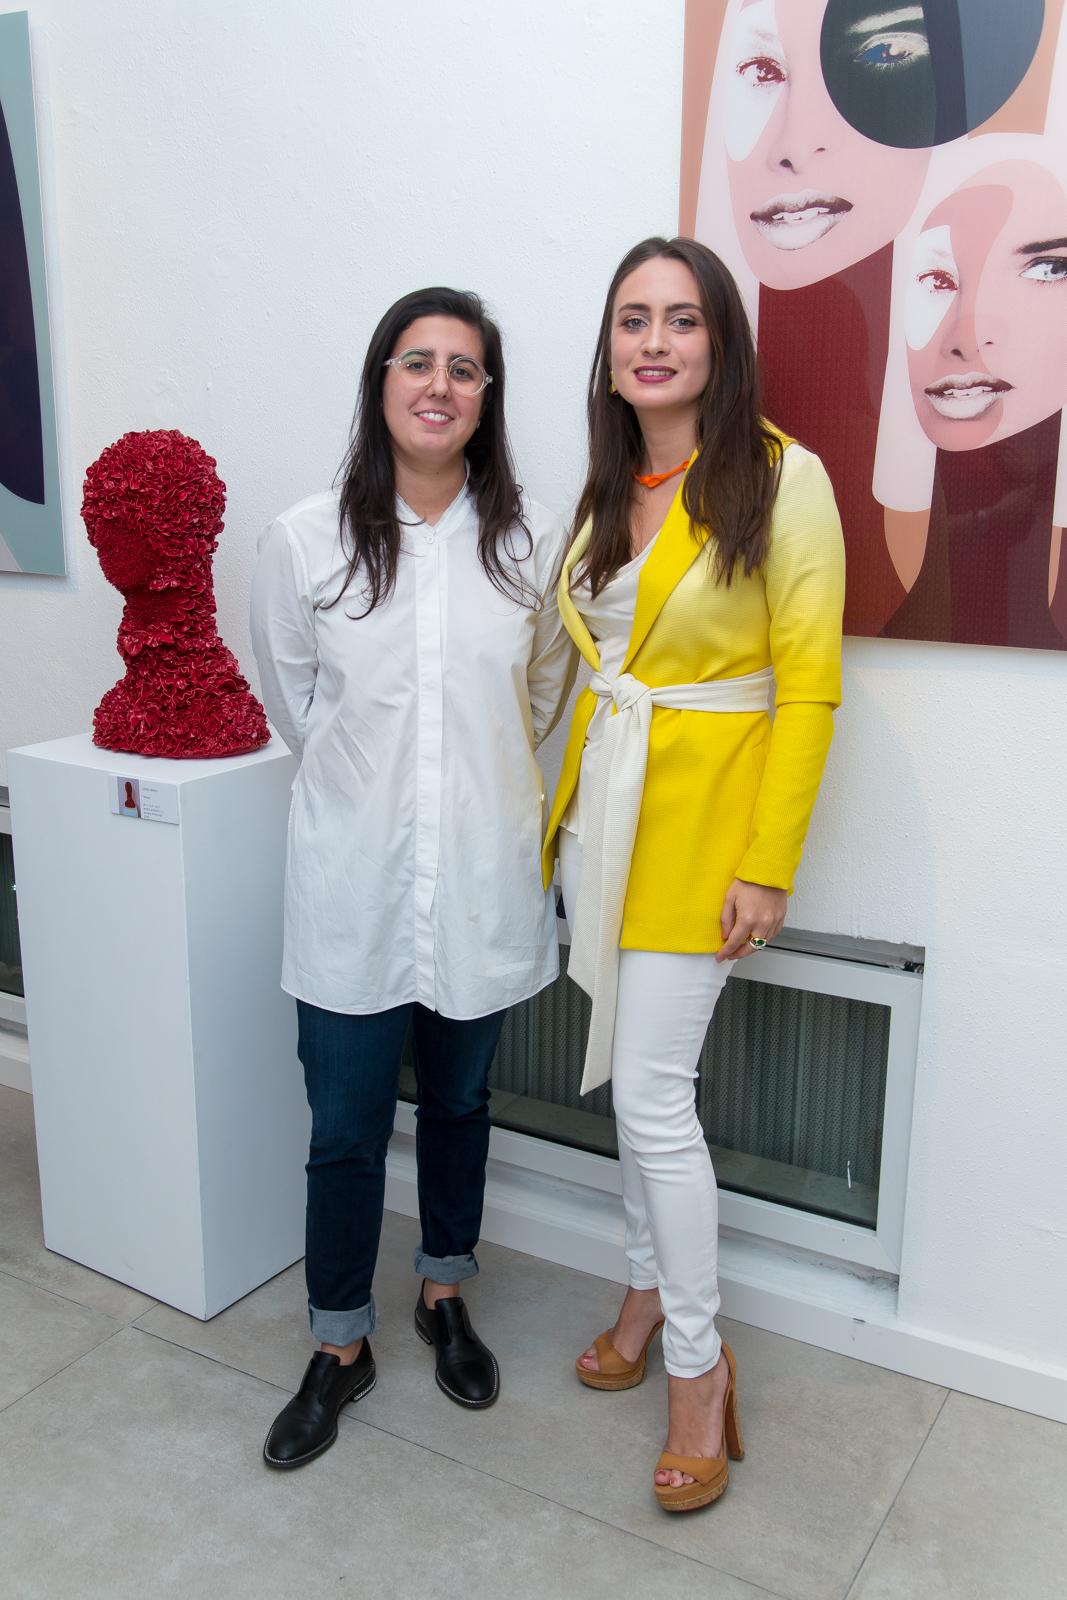 8. Deanna Martí & Mónica Varela